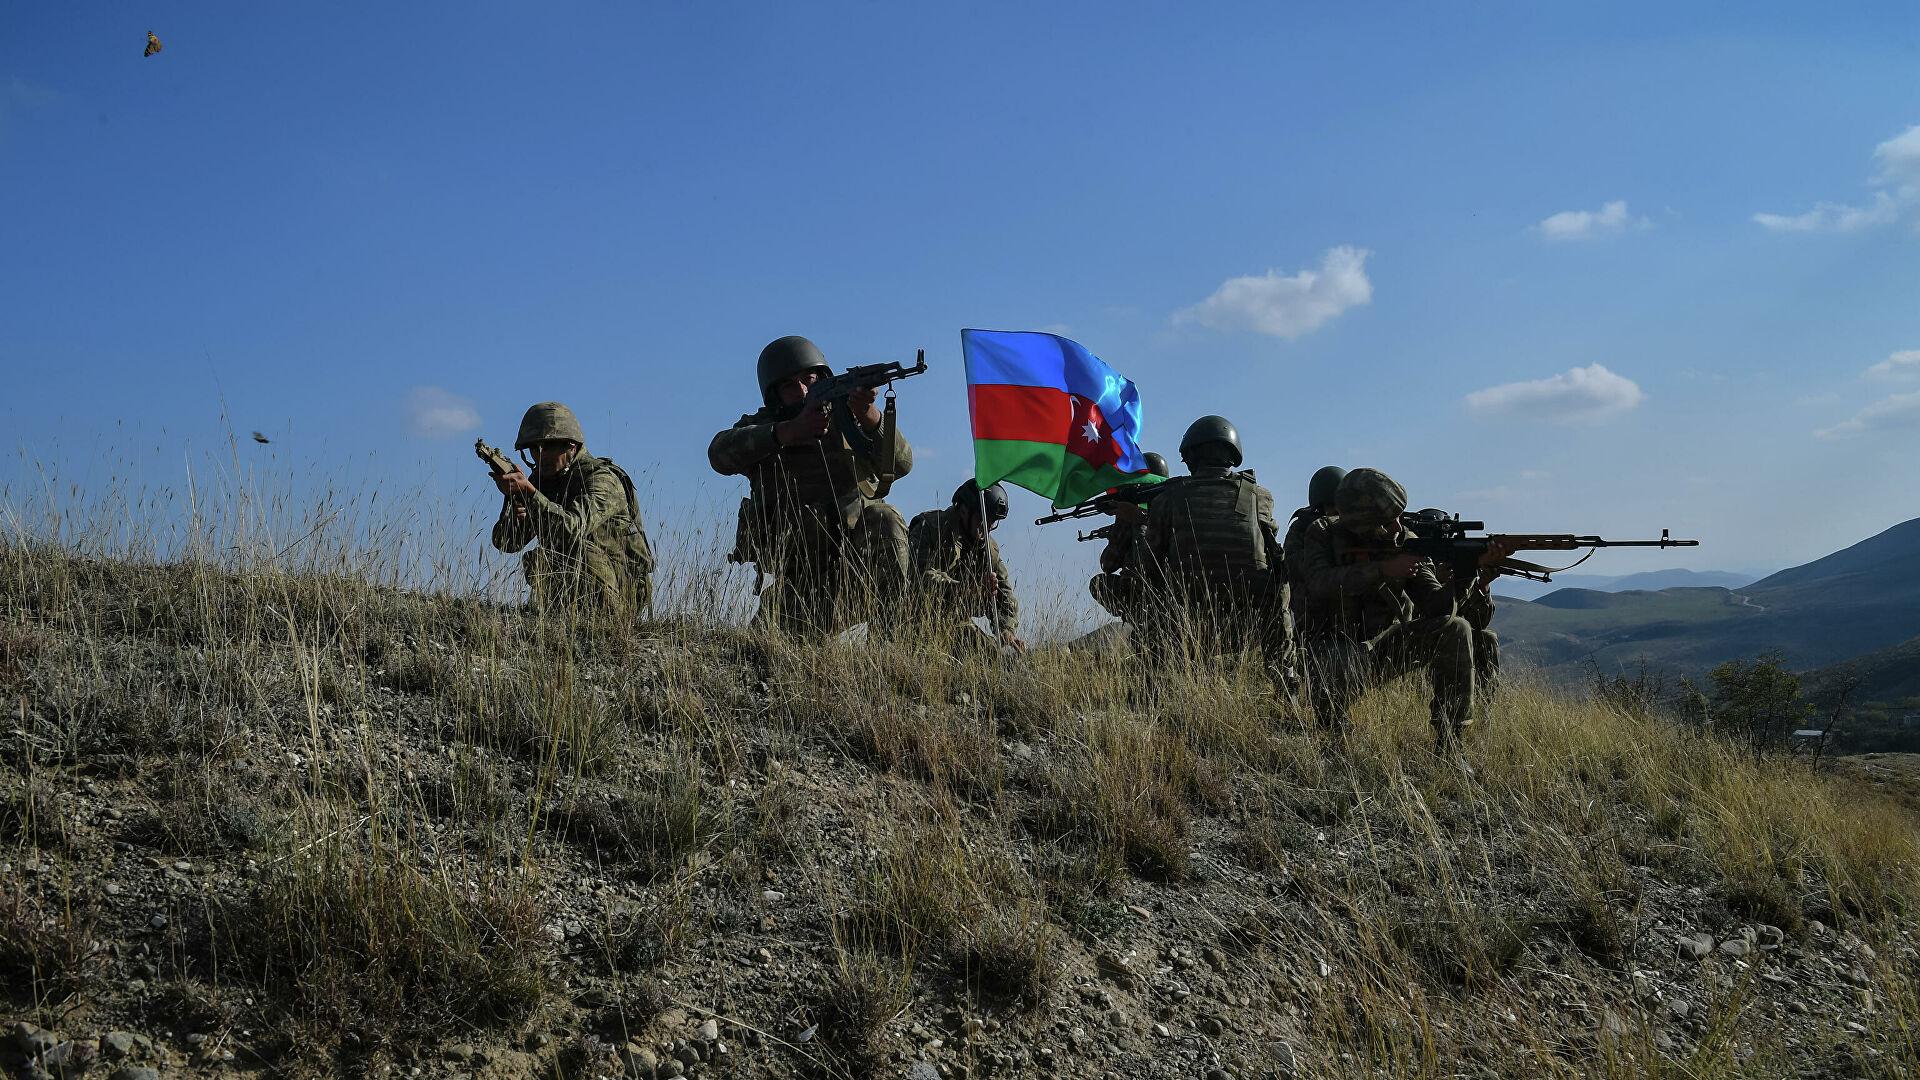 Азербејџан: Војска у Нагорно-Карабахз заузела нове положаје у три рејона